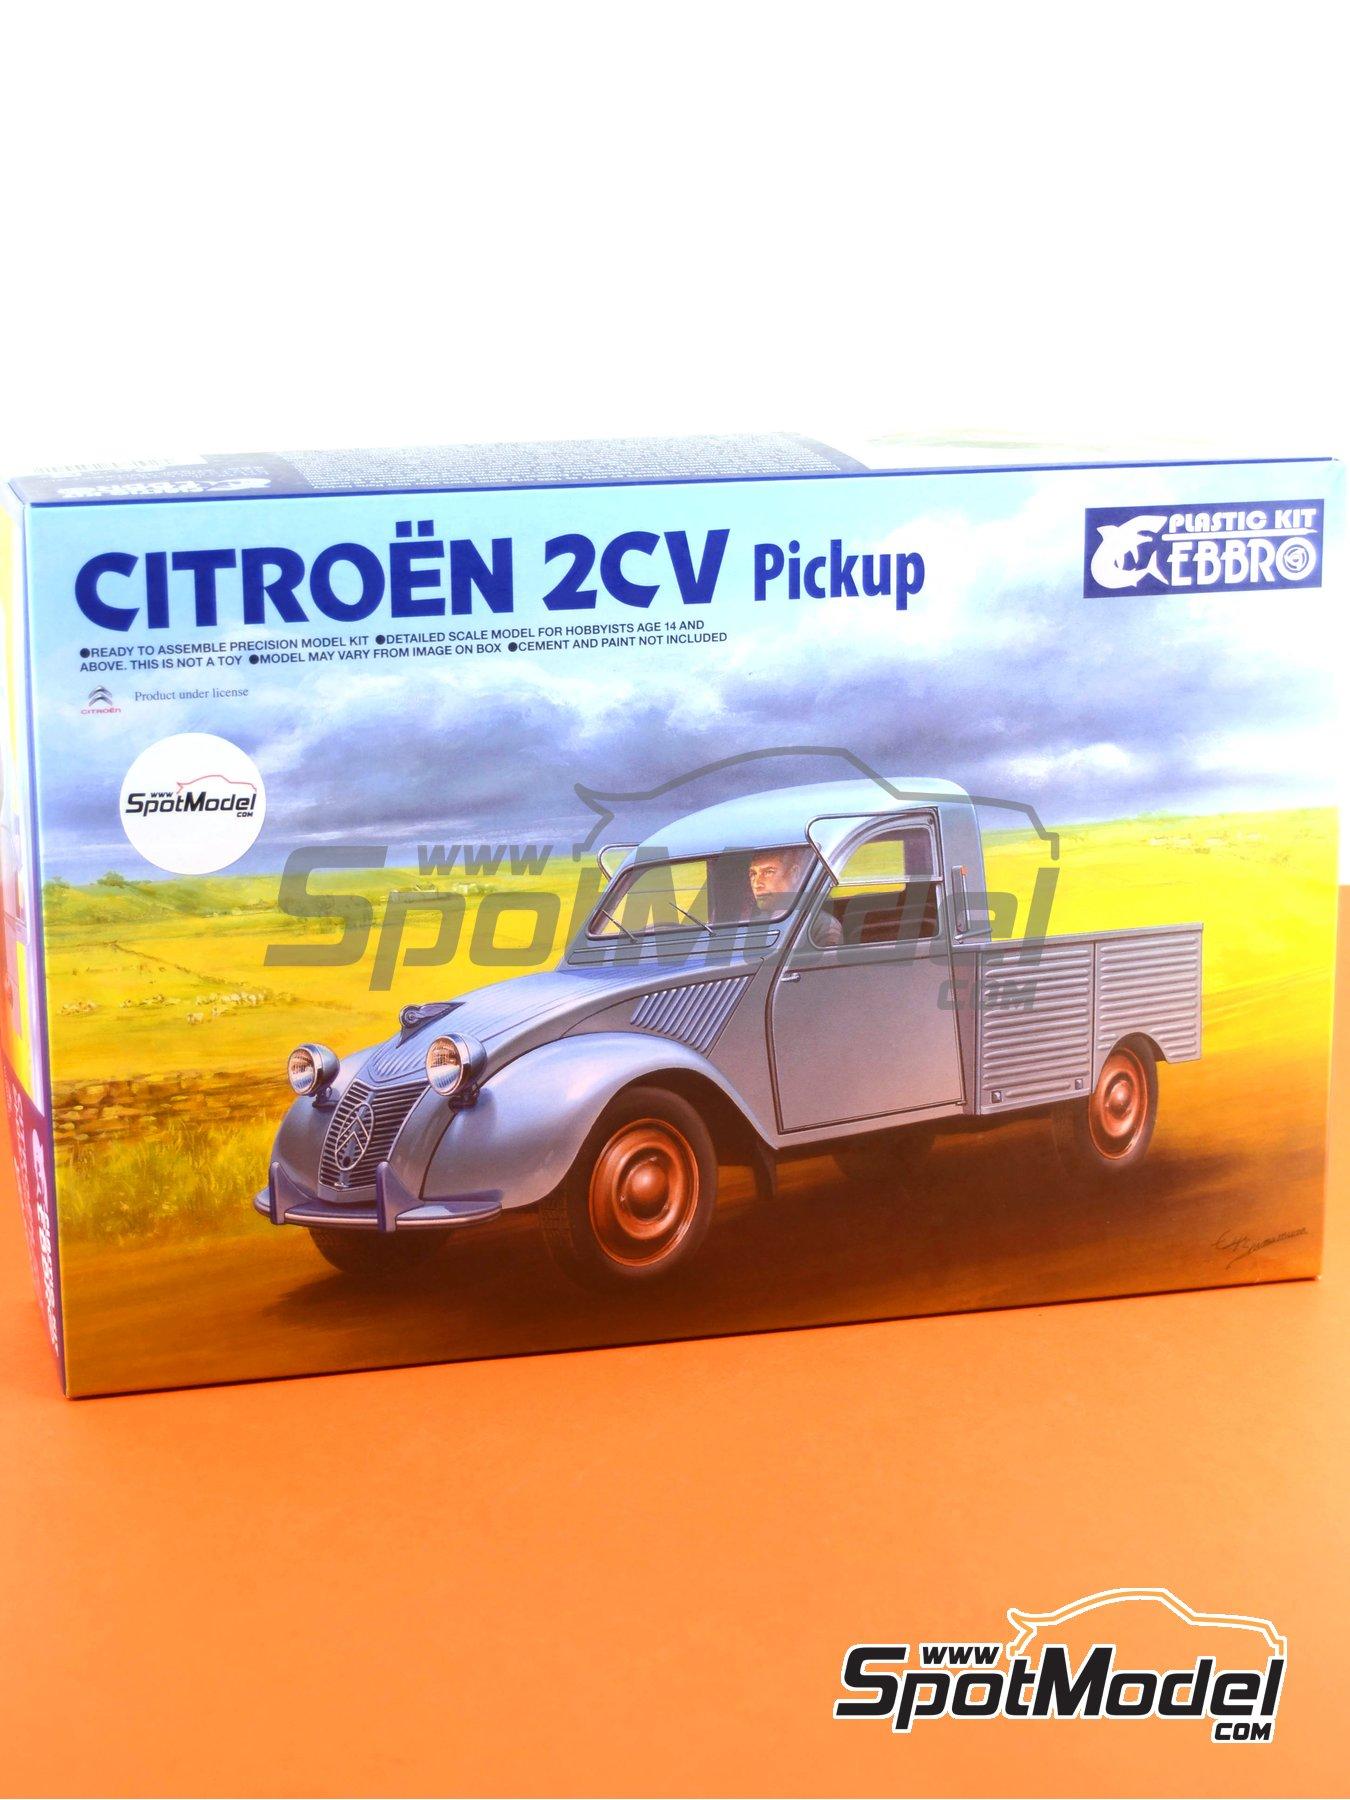 Citroën 2CV | Maqueta de coche en escala1/24 fabricado por Ebbro (ref.EBR25004, tambien 25004) image